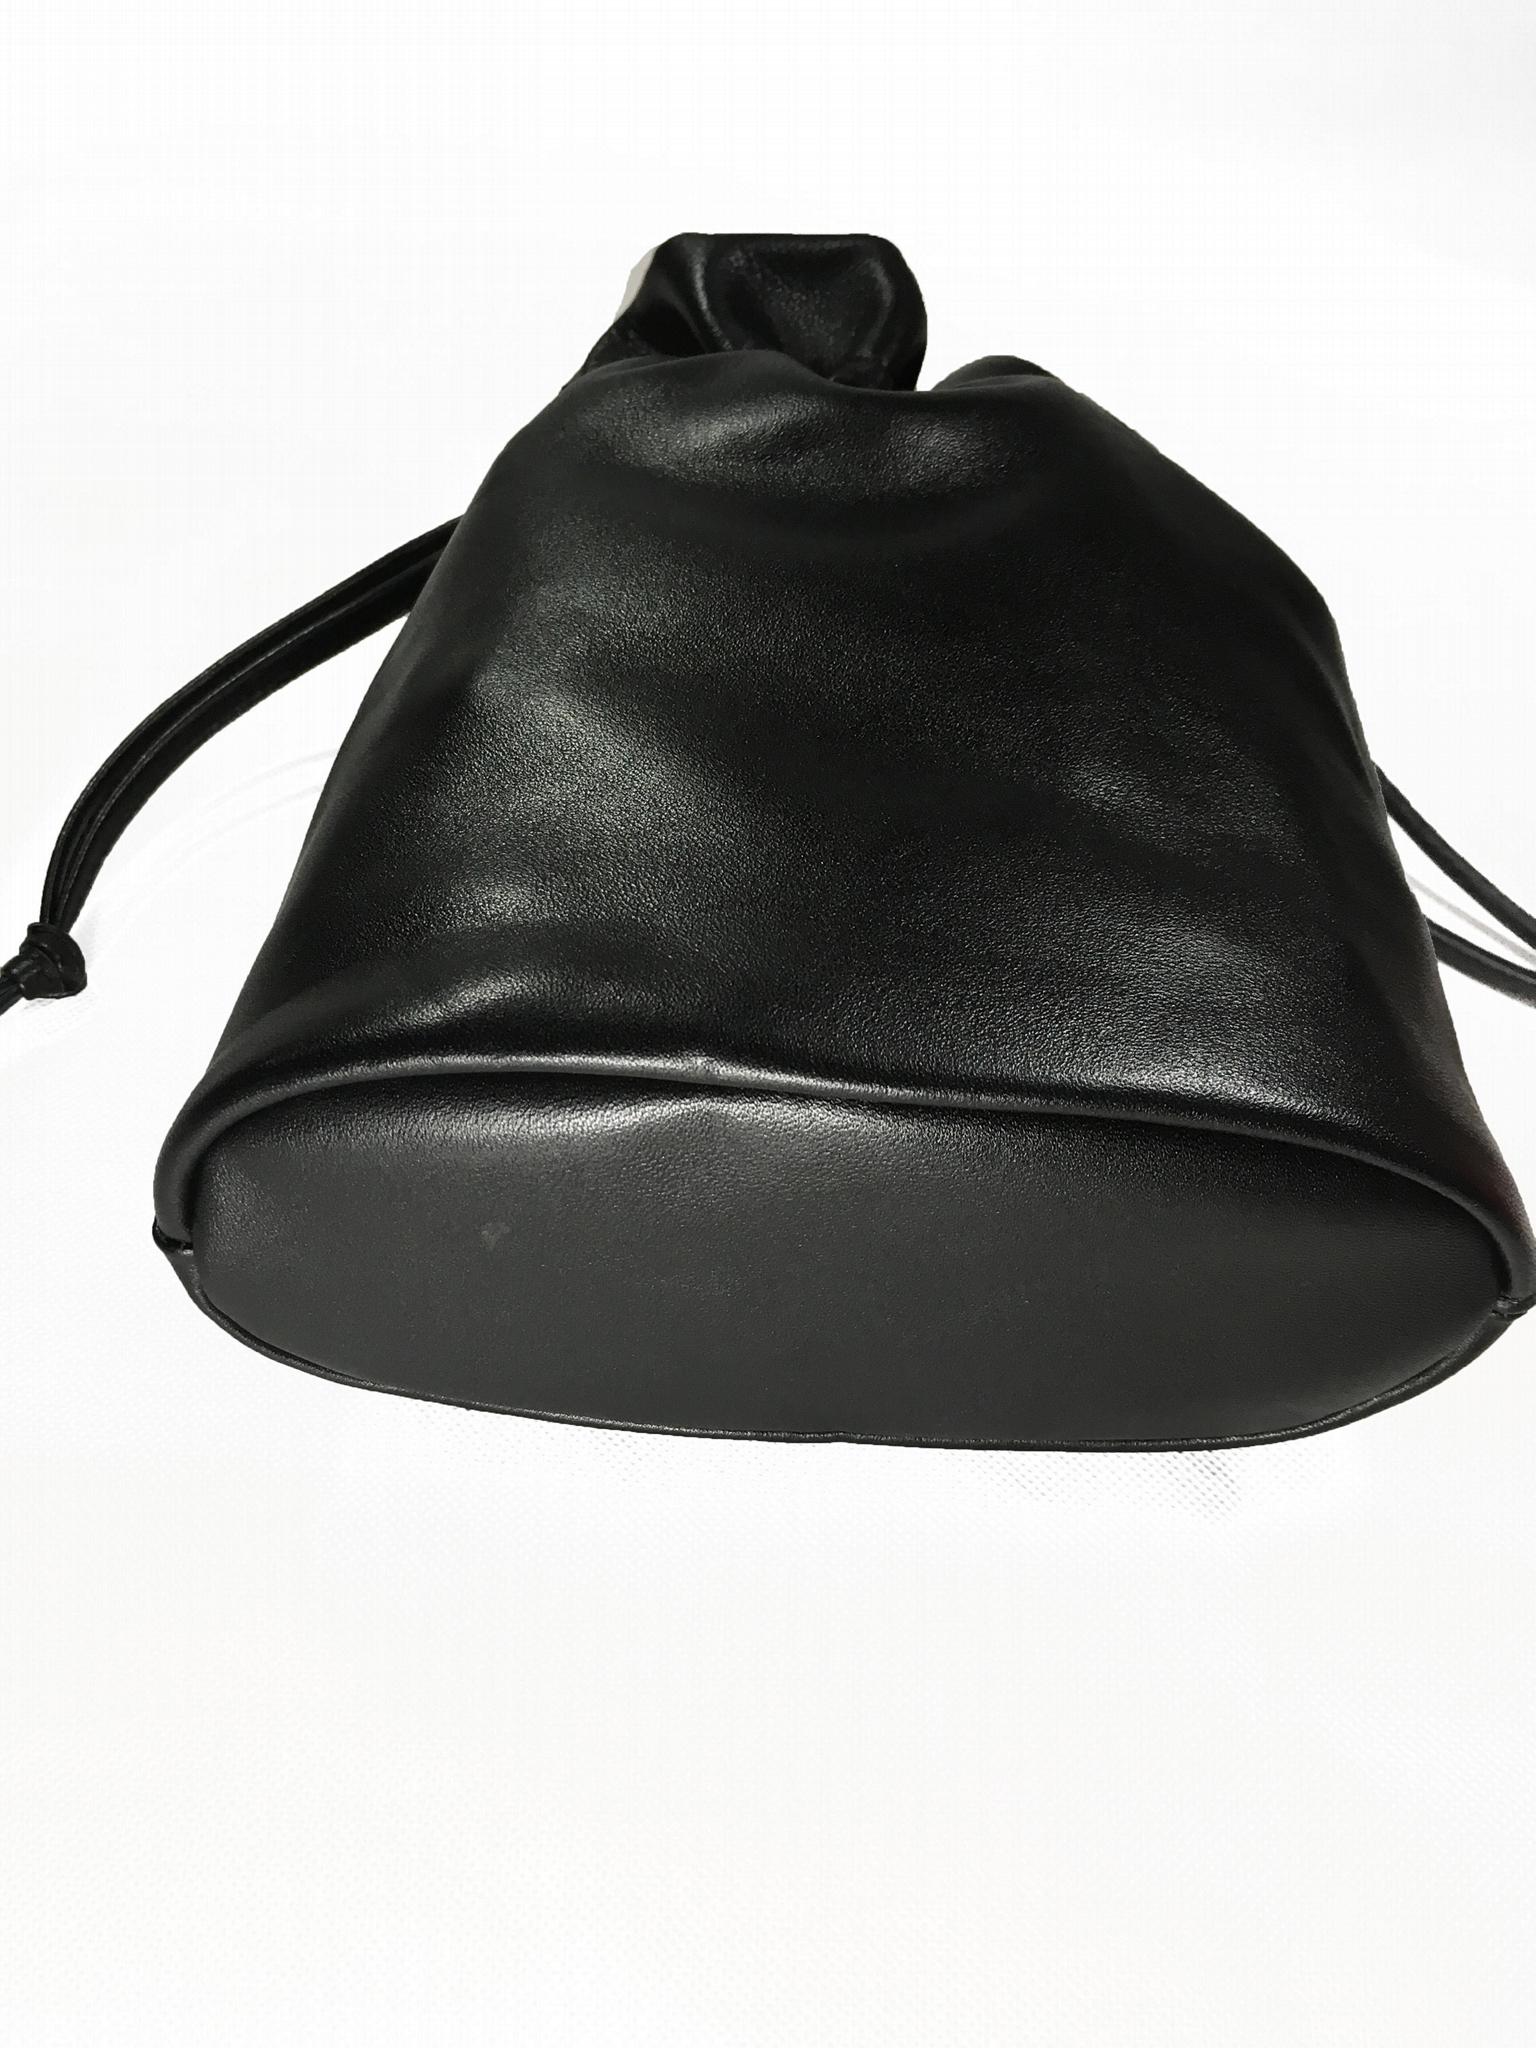 威奇手袋厂新款简约时尚羊皮束口收纳袋定制 5